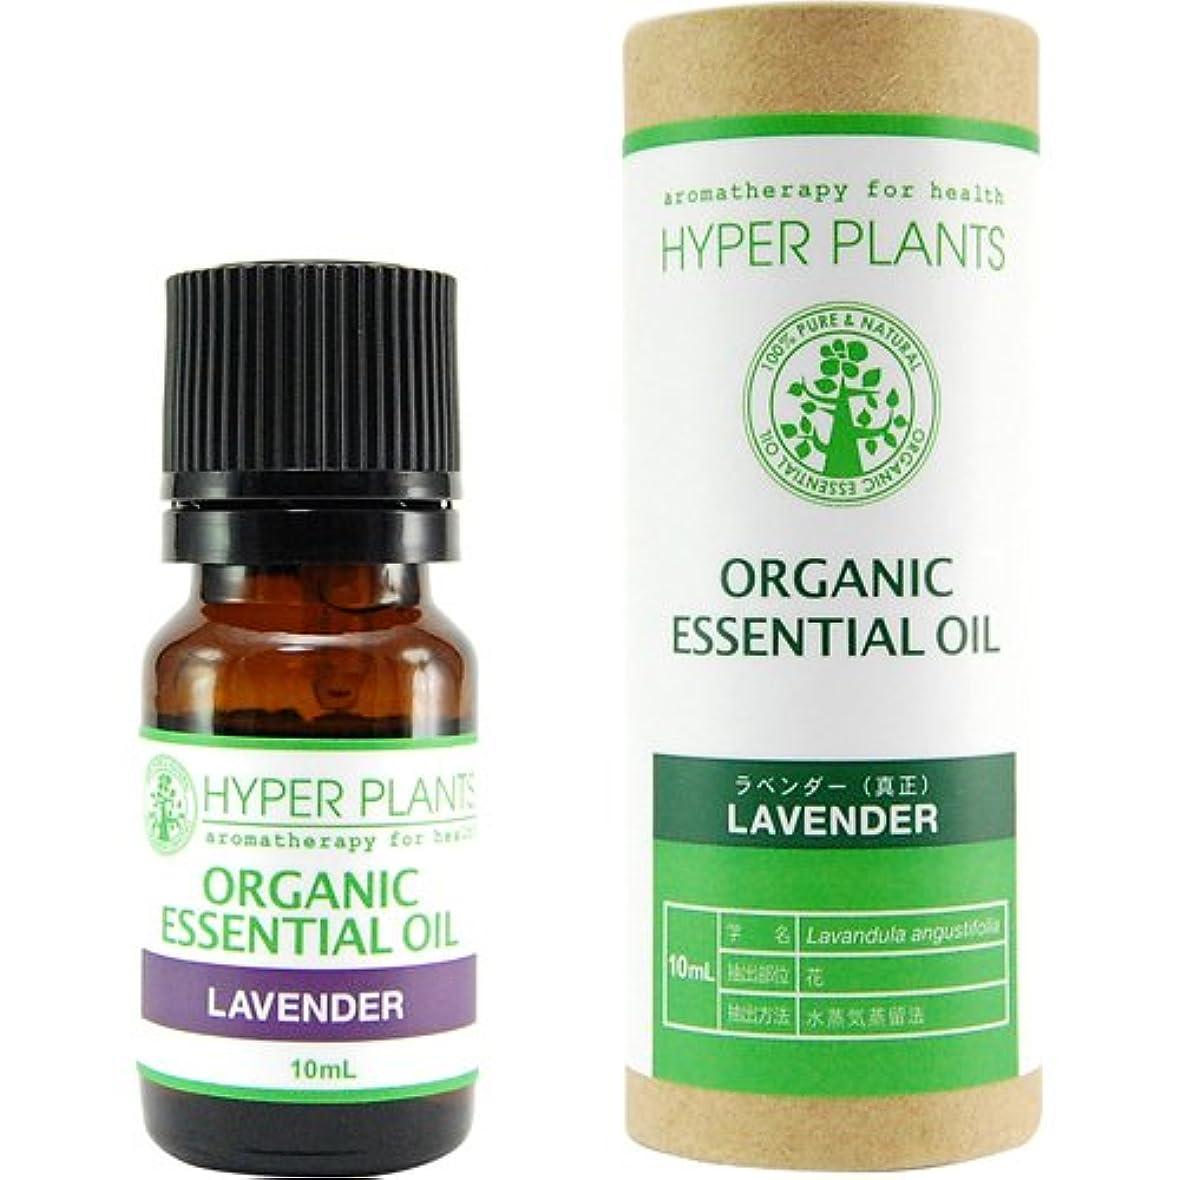 現在セミナー発音するHYPER PLANTS ハイパープランツ オーガニックエッセンシャルオイル ラベンダー(真正) 10ml HE0207